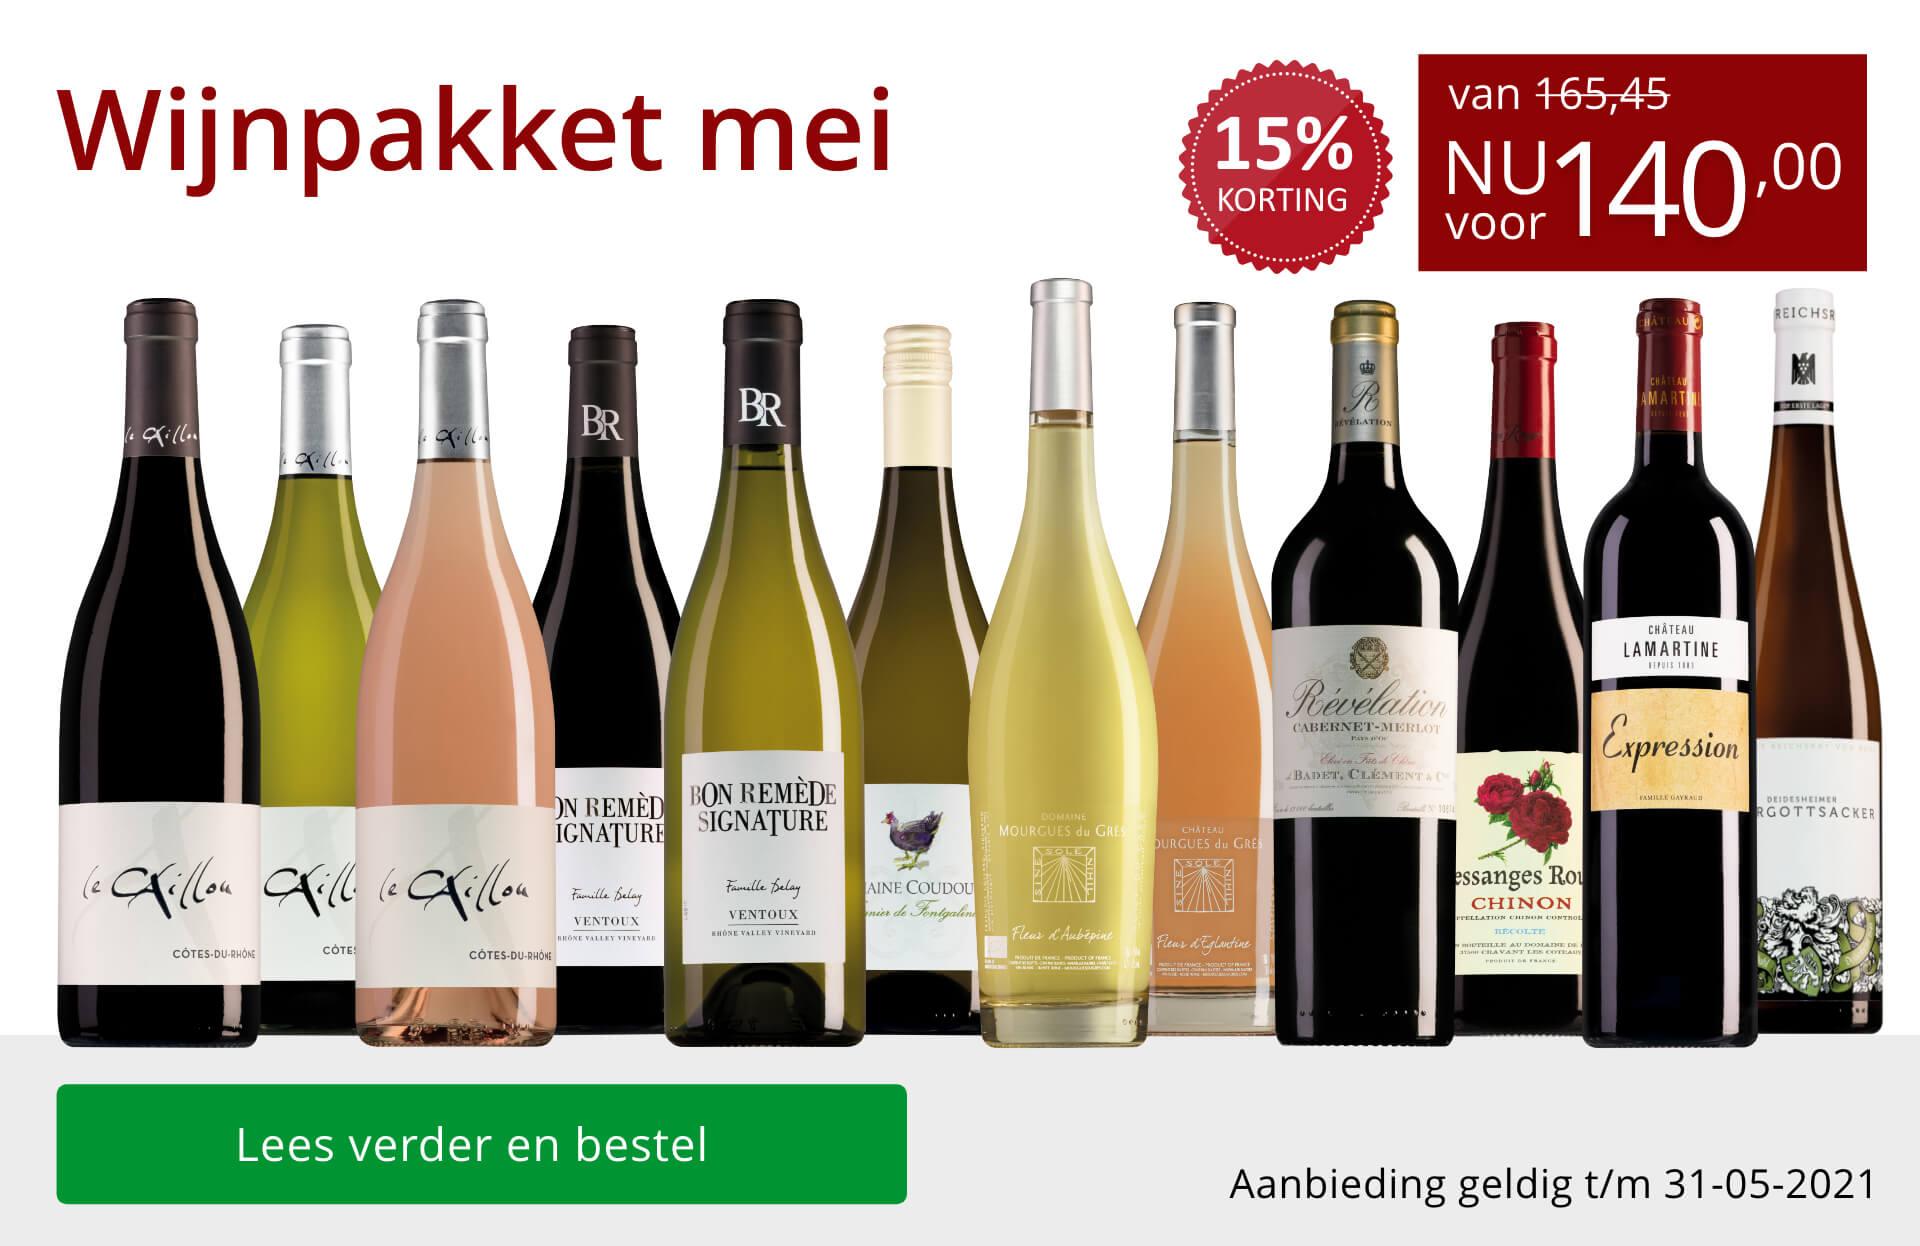 Wijnpakket wijnbericht mei 2021 (140,00) - rood